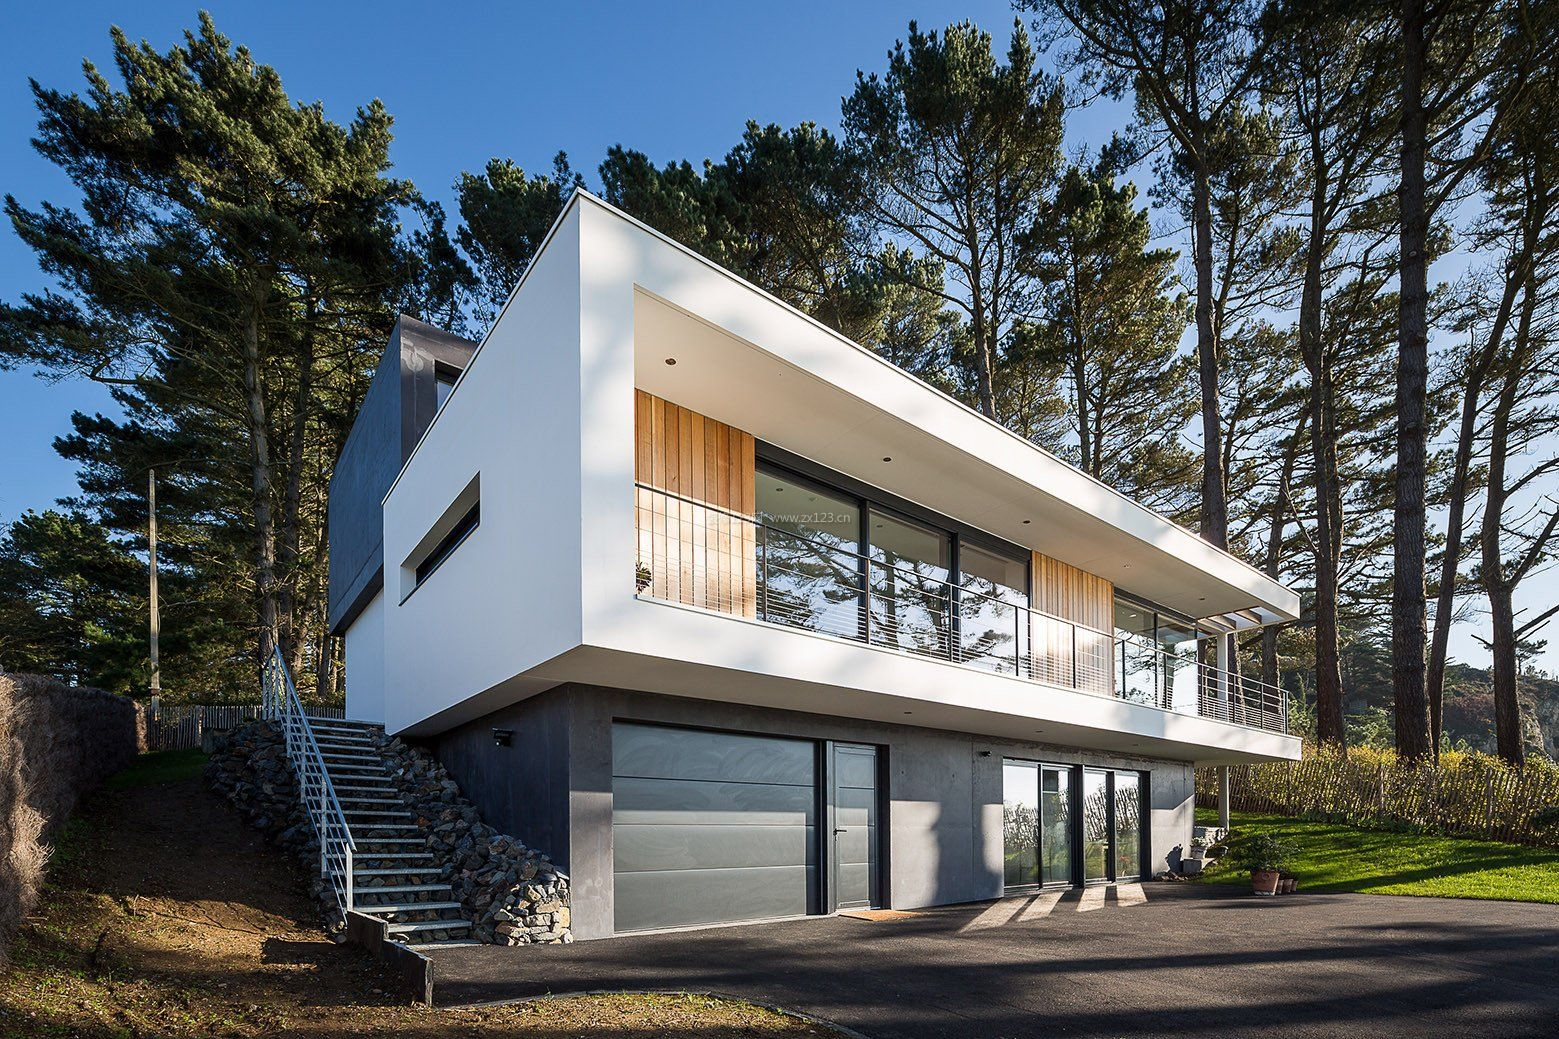 住宅房屋外观造型设计